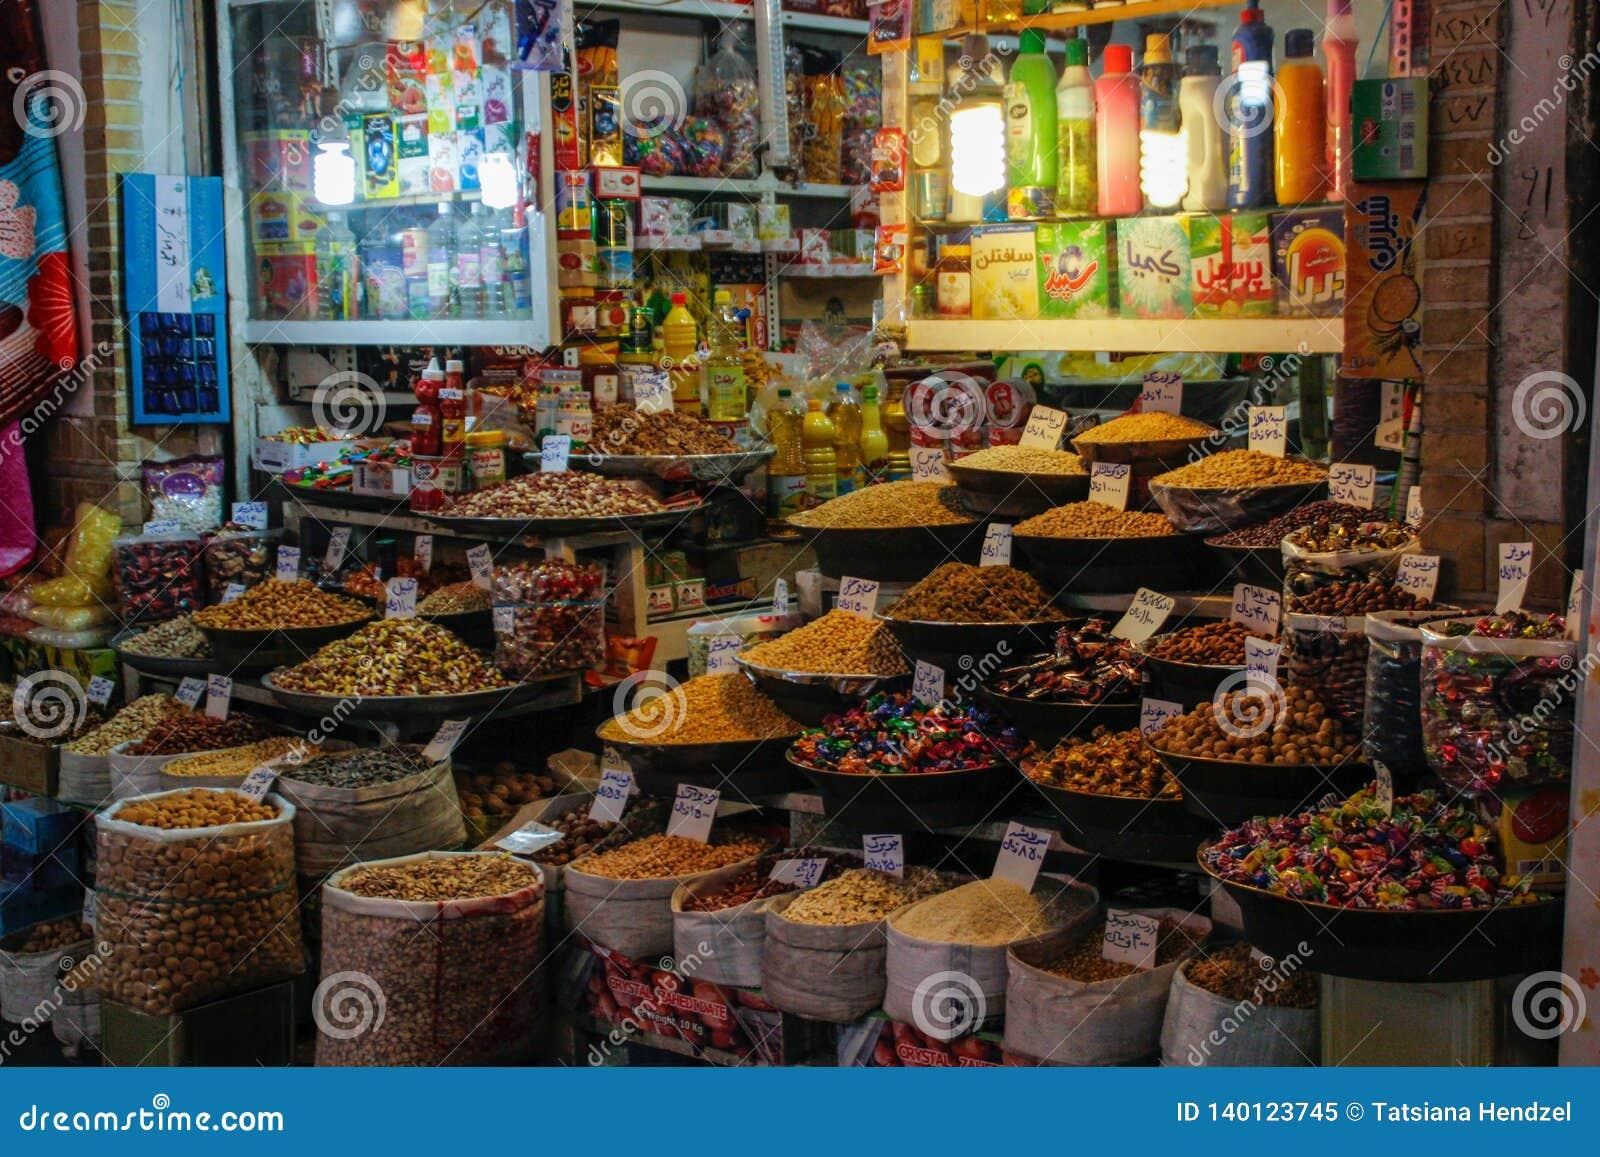 Beroemde Iraanse marktbazaar met gedroogd fruit en snoepjes op de teller